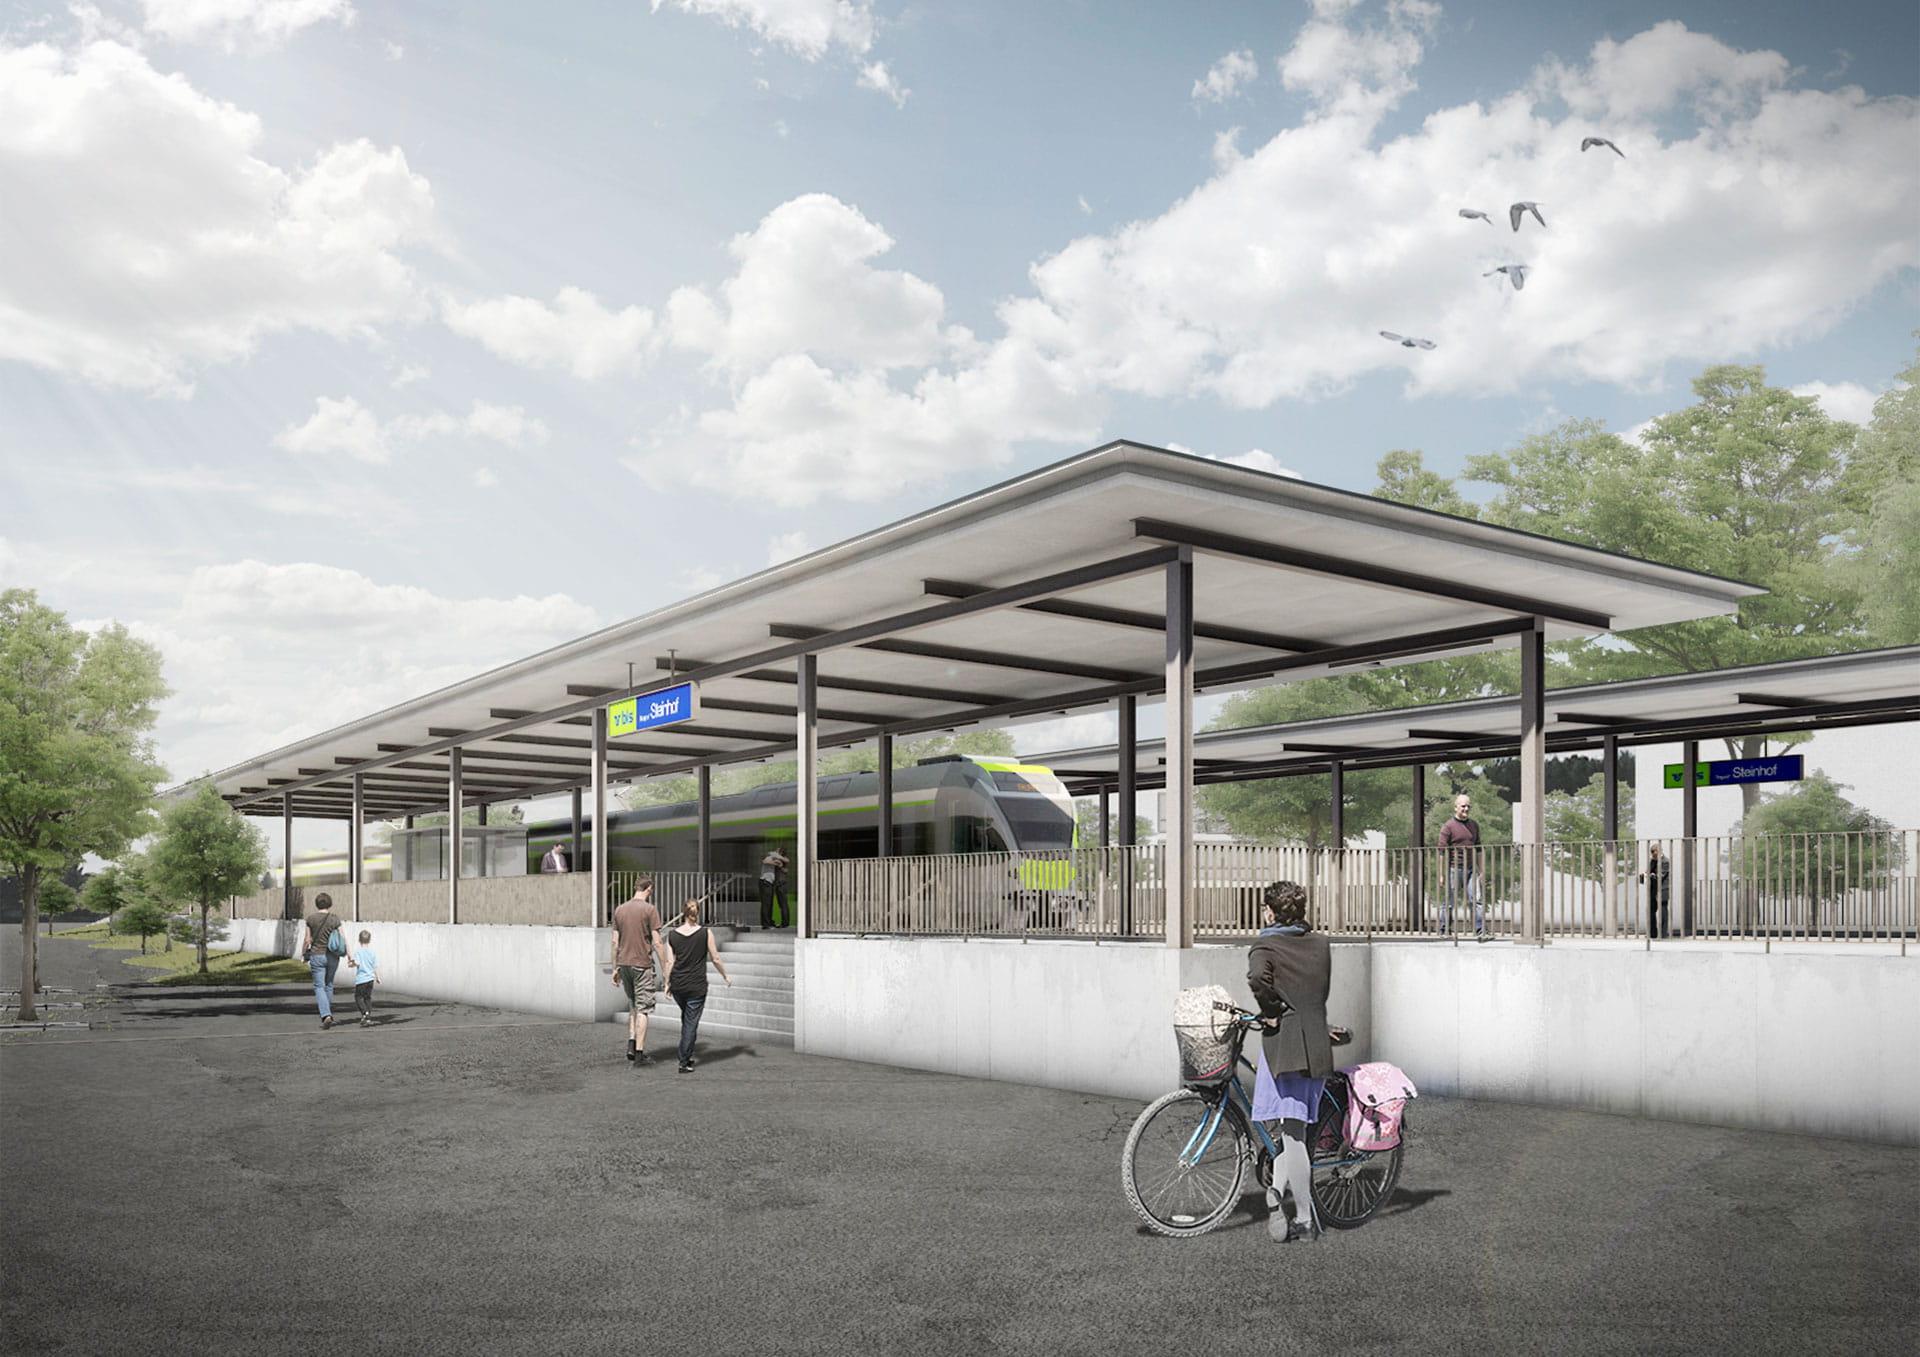 Neuer Bahnhof Burgdorf Steinhof - BLS AG